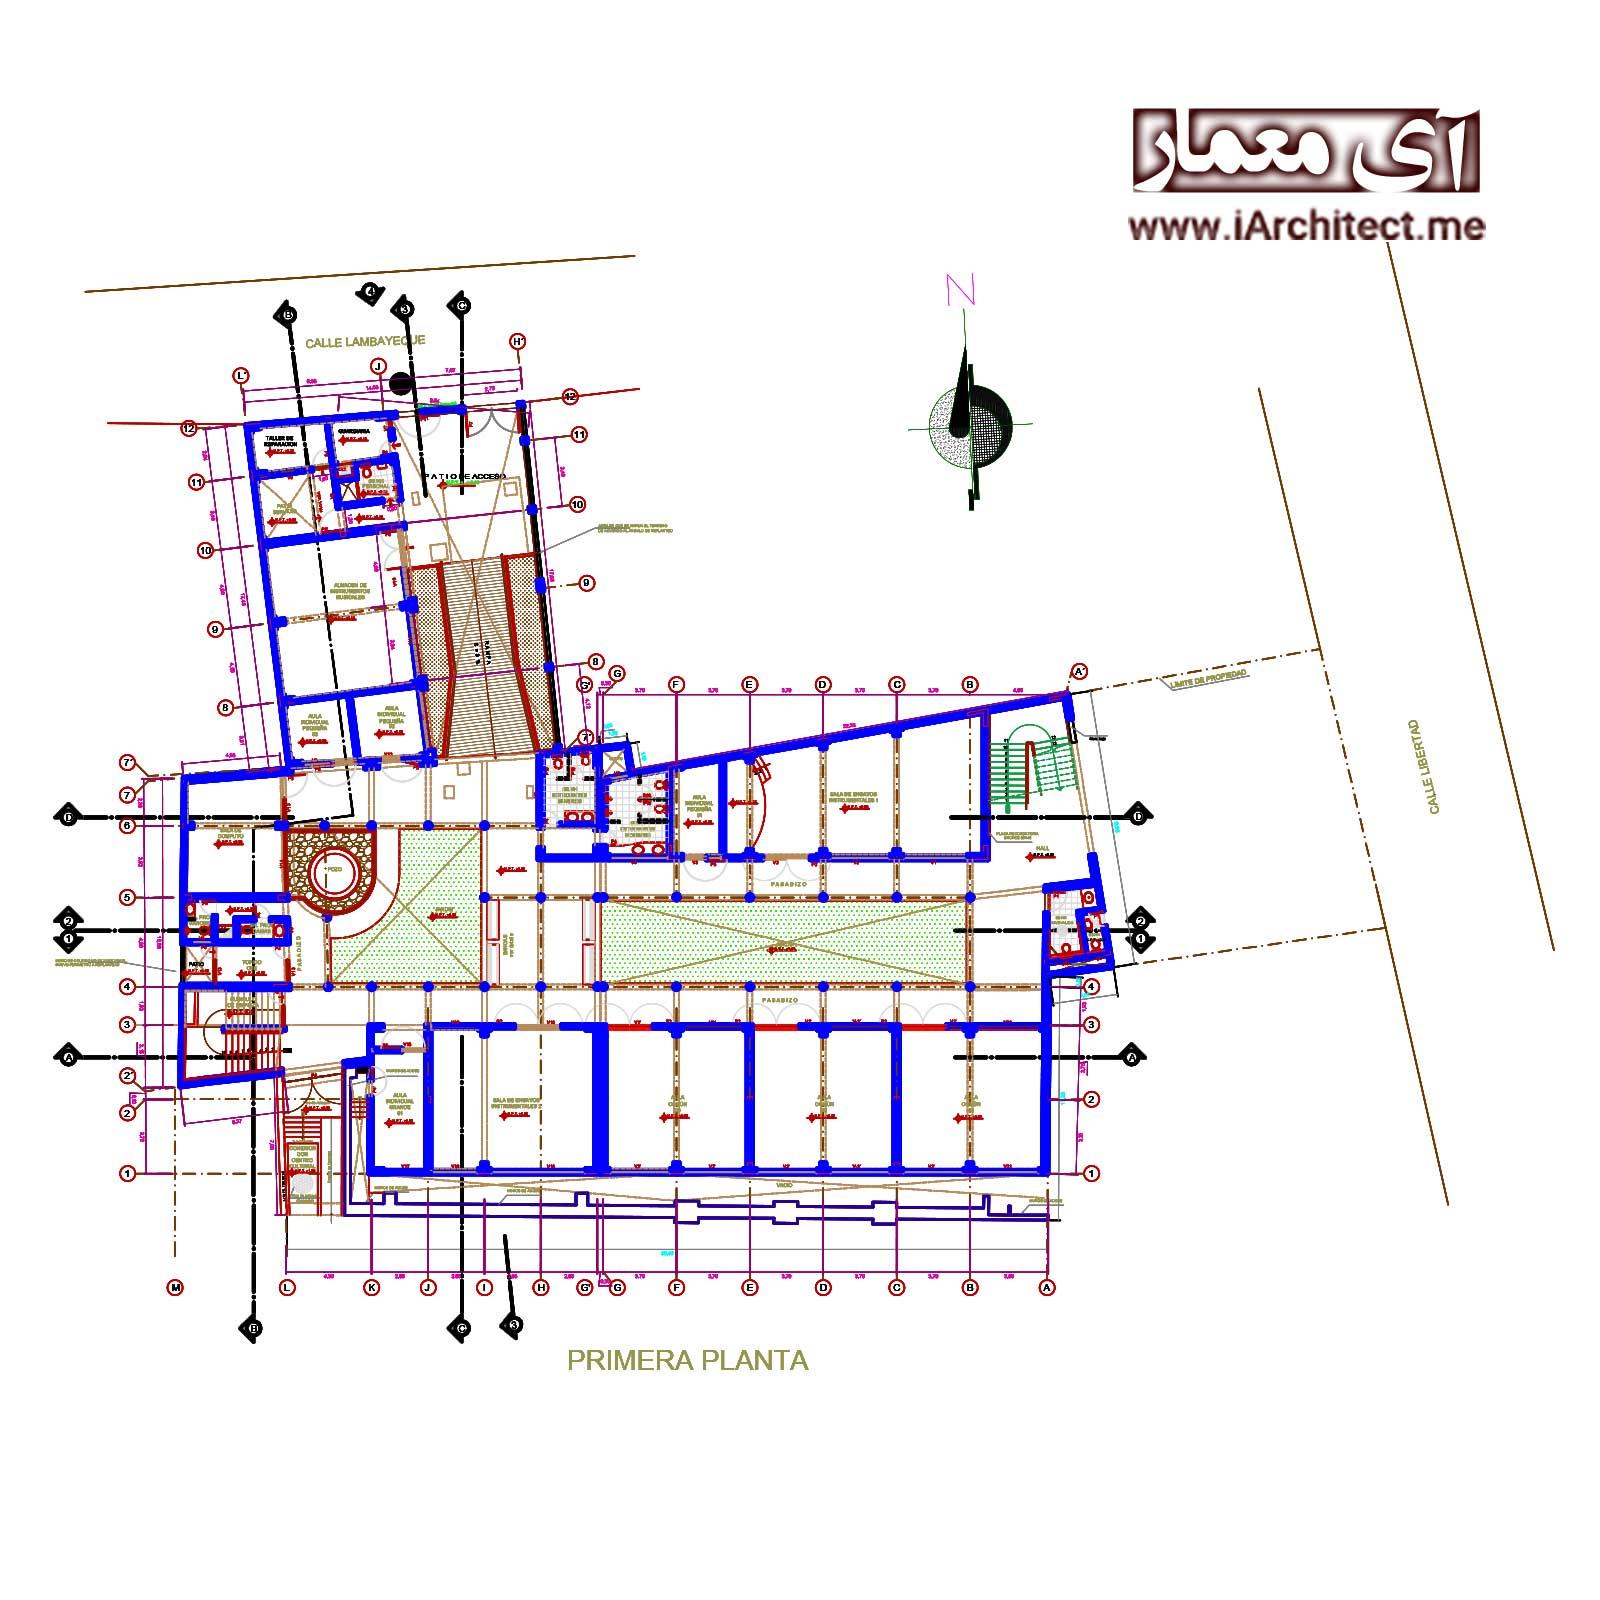 دانلود نقشه اتوکدی آزمایشگاه